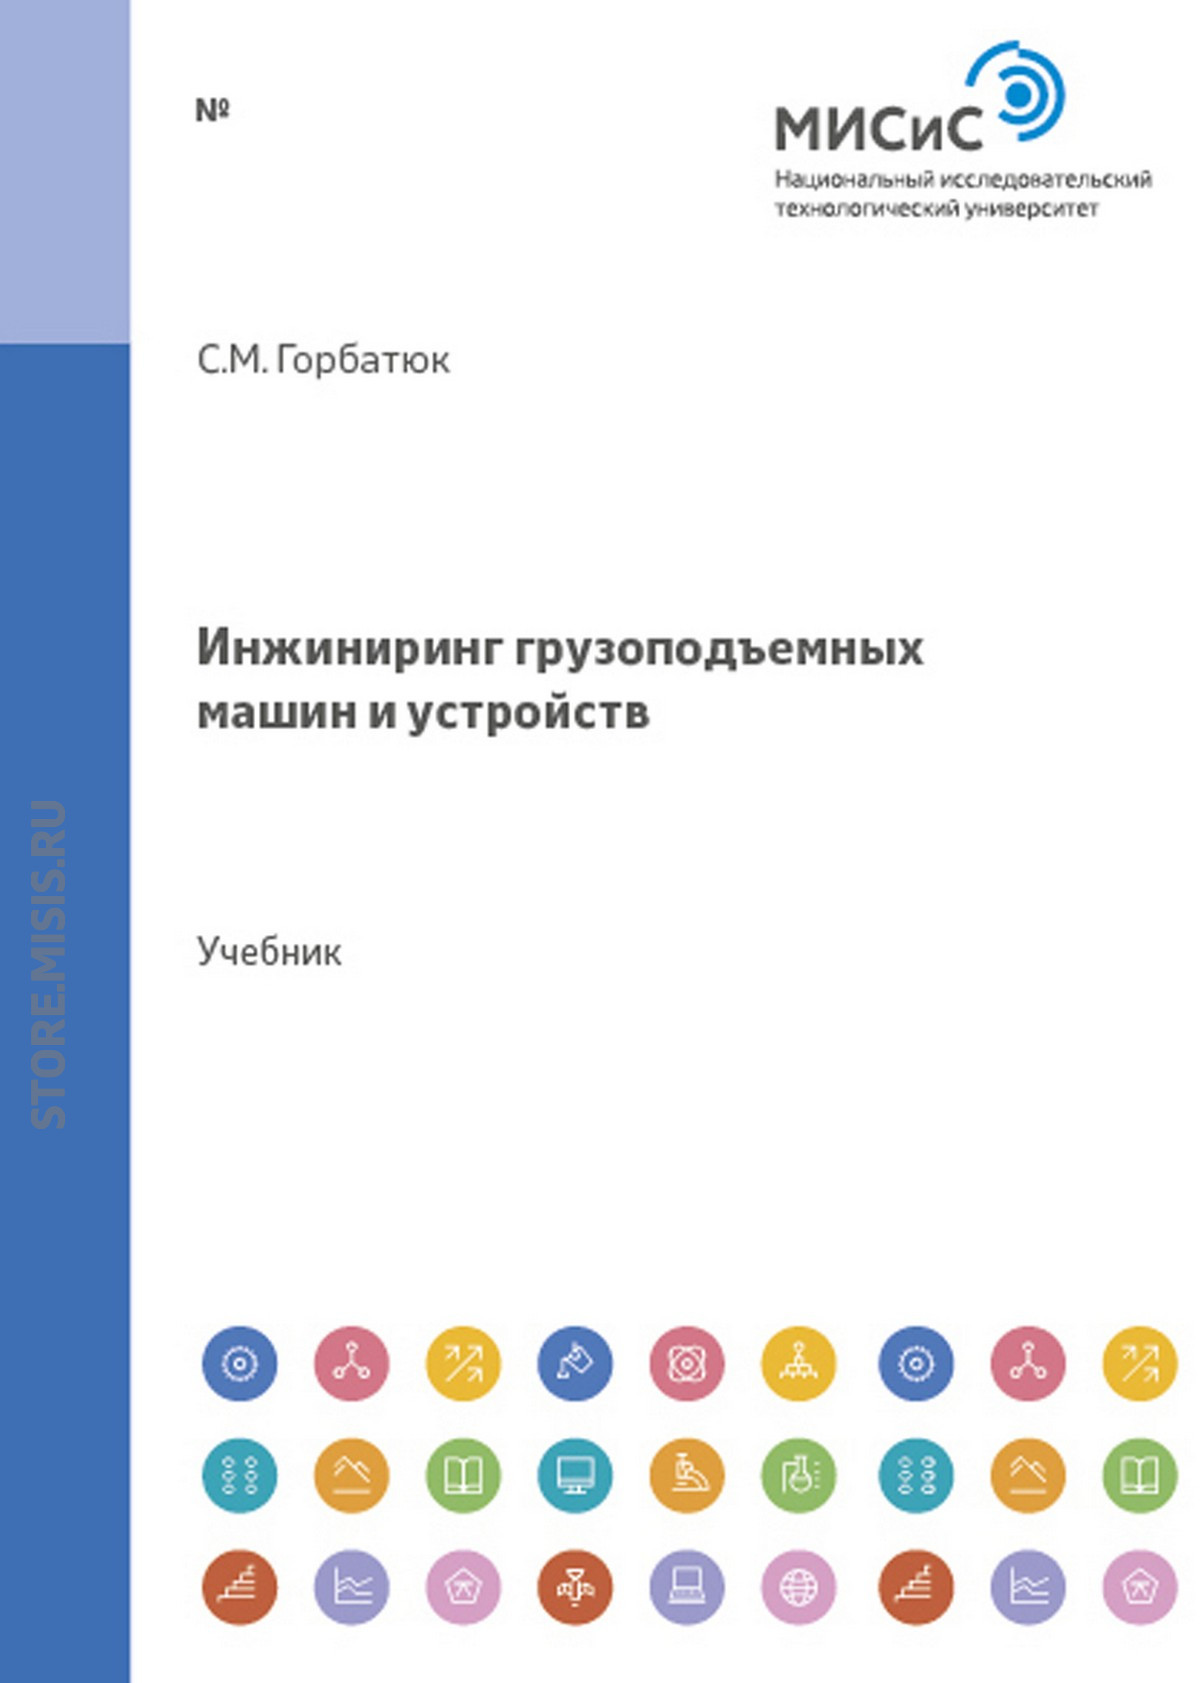 Сергей Горбагюк Инжиниринг грузоподъемных машин и устройств